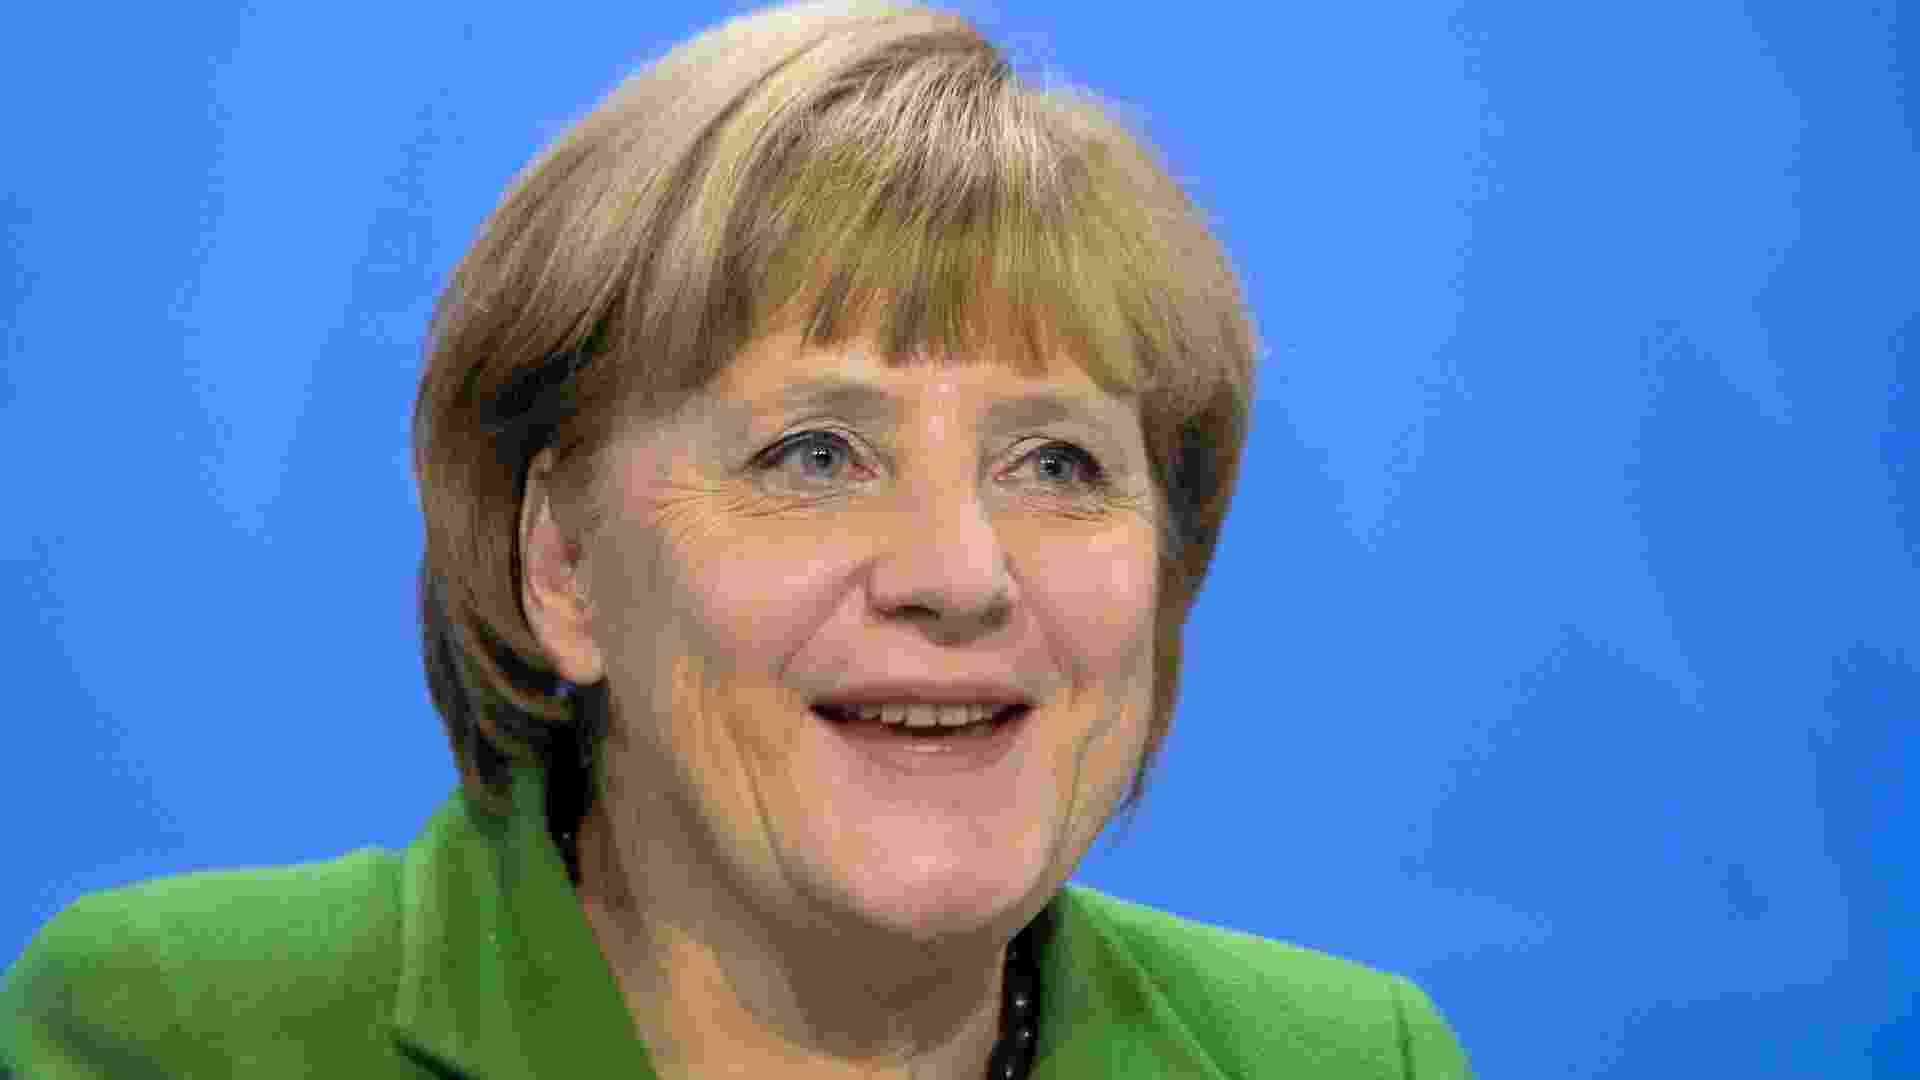 7.mar.2013 - A chanceler alemã, Angela Merkel, líder do partido União Democrata-Cristã (CDU) desde 2000. É líder de fato da União Europeia e citada pela revista Forbes como a segunda pessoa mais poderosa do mundo, a mais alta posição já alcançada por uma mulher - AFP PHOTO / Johannes Eisele